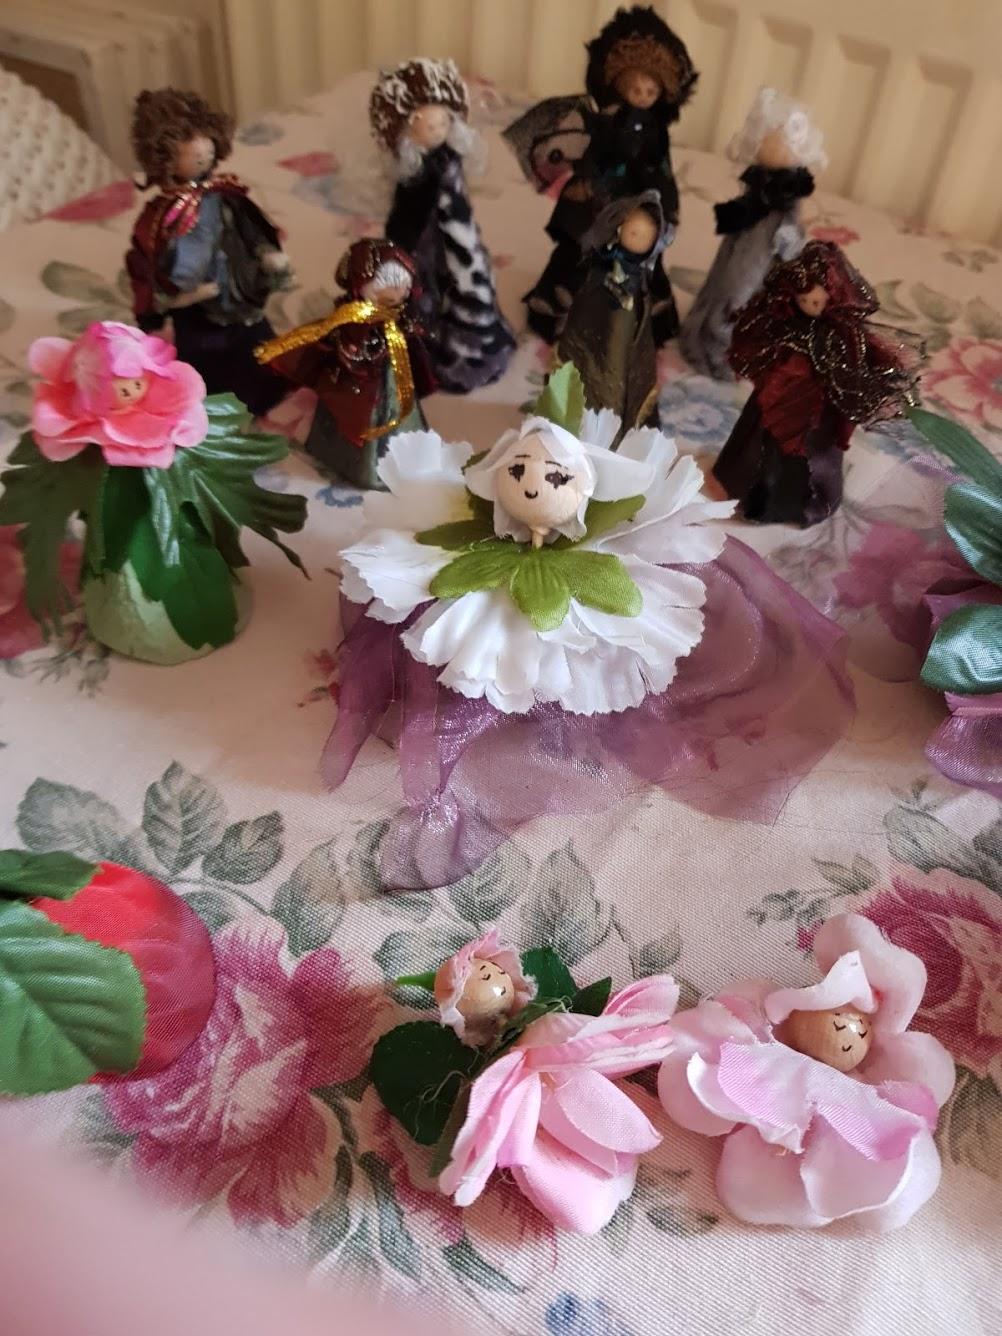 Meine kleinen Geschöpfe gepostet am internationalen Tag der Puppenbauer